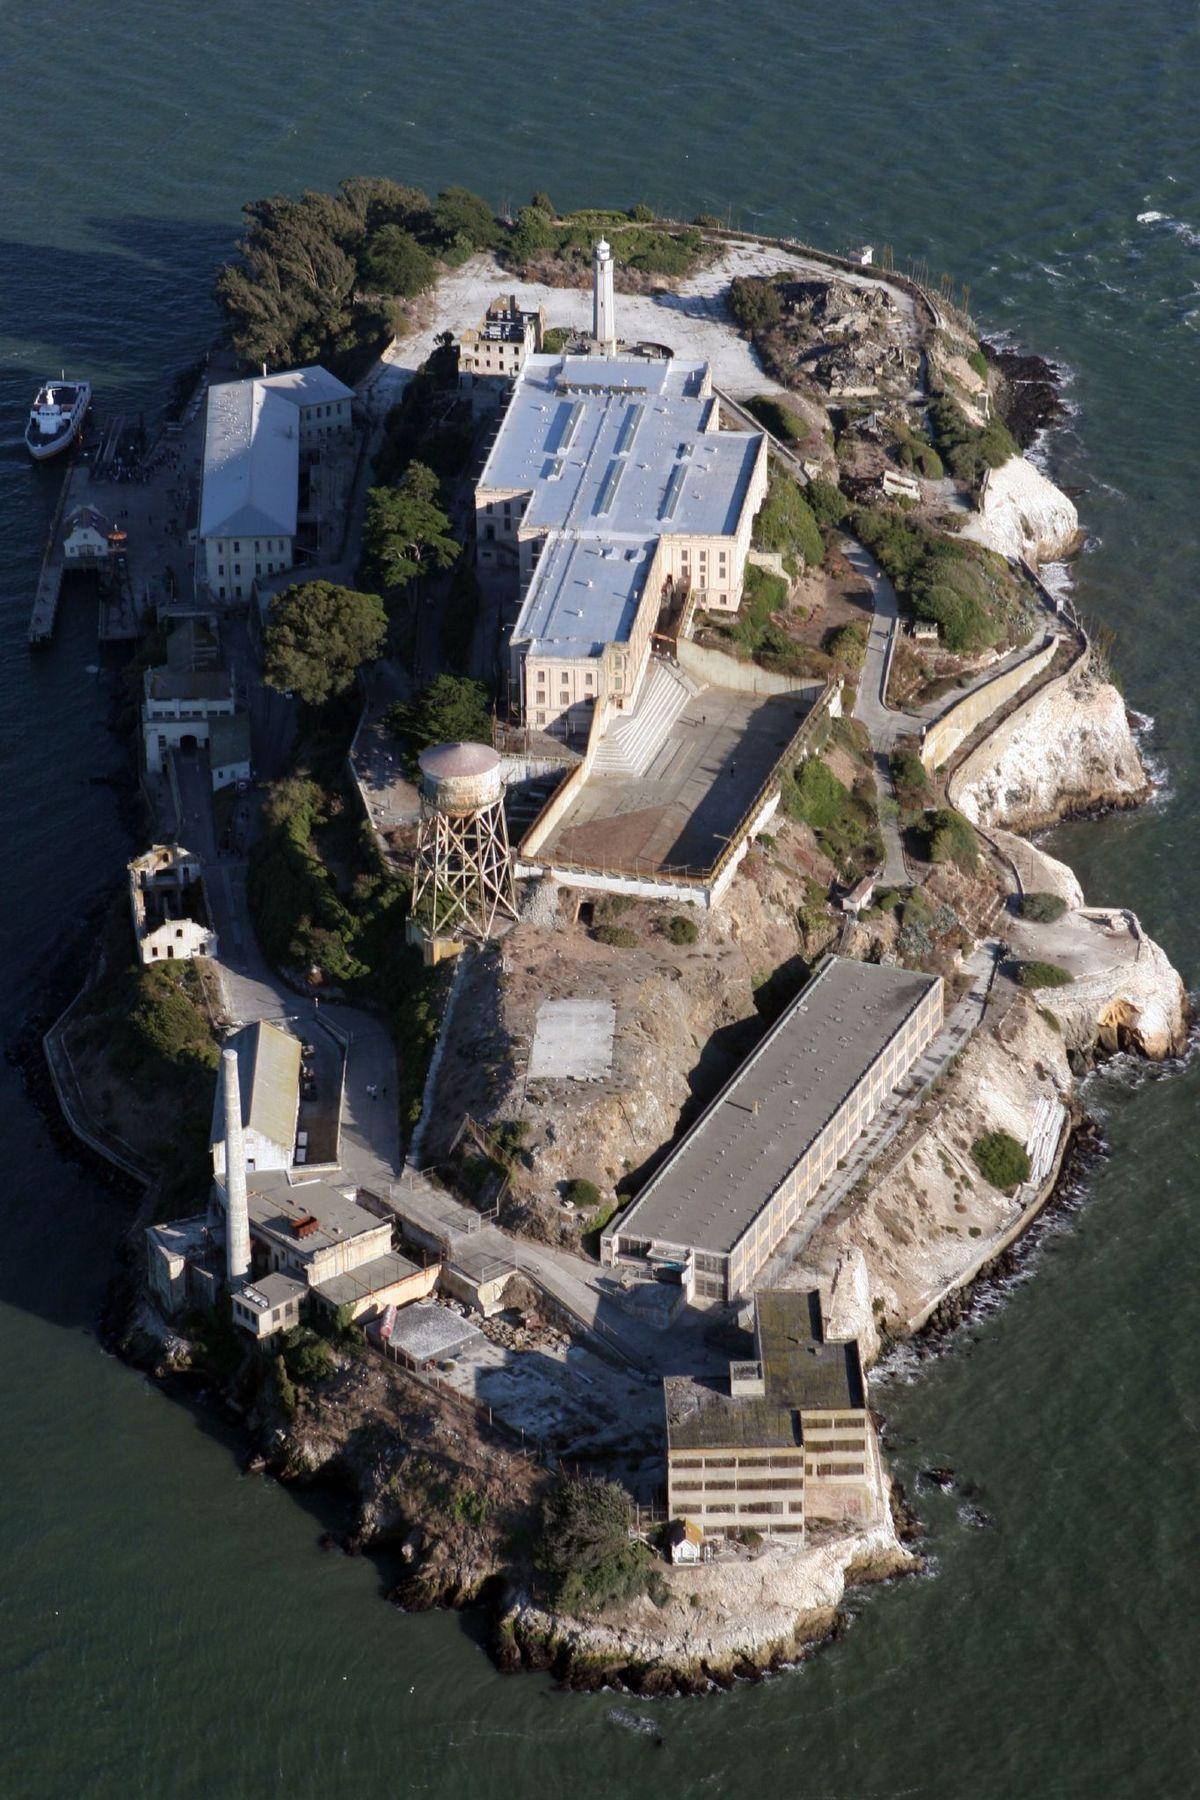 https://static.blog4ever.com/2016/09/822431/1200px-Alcatraz_aerial.jpg